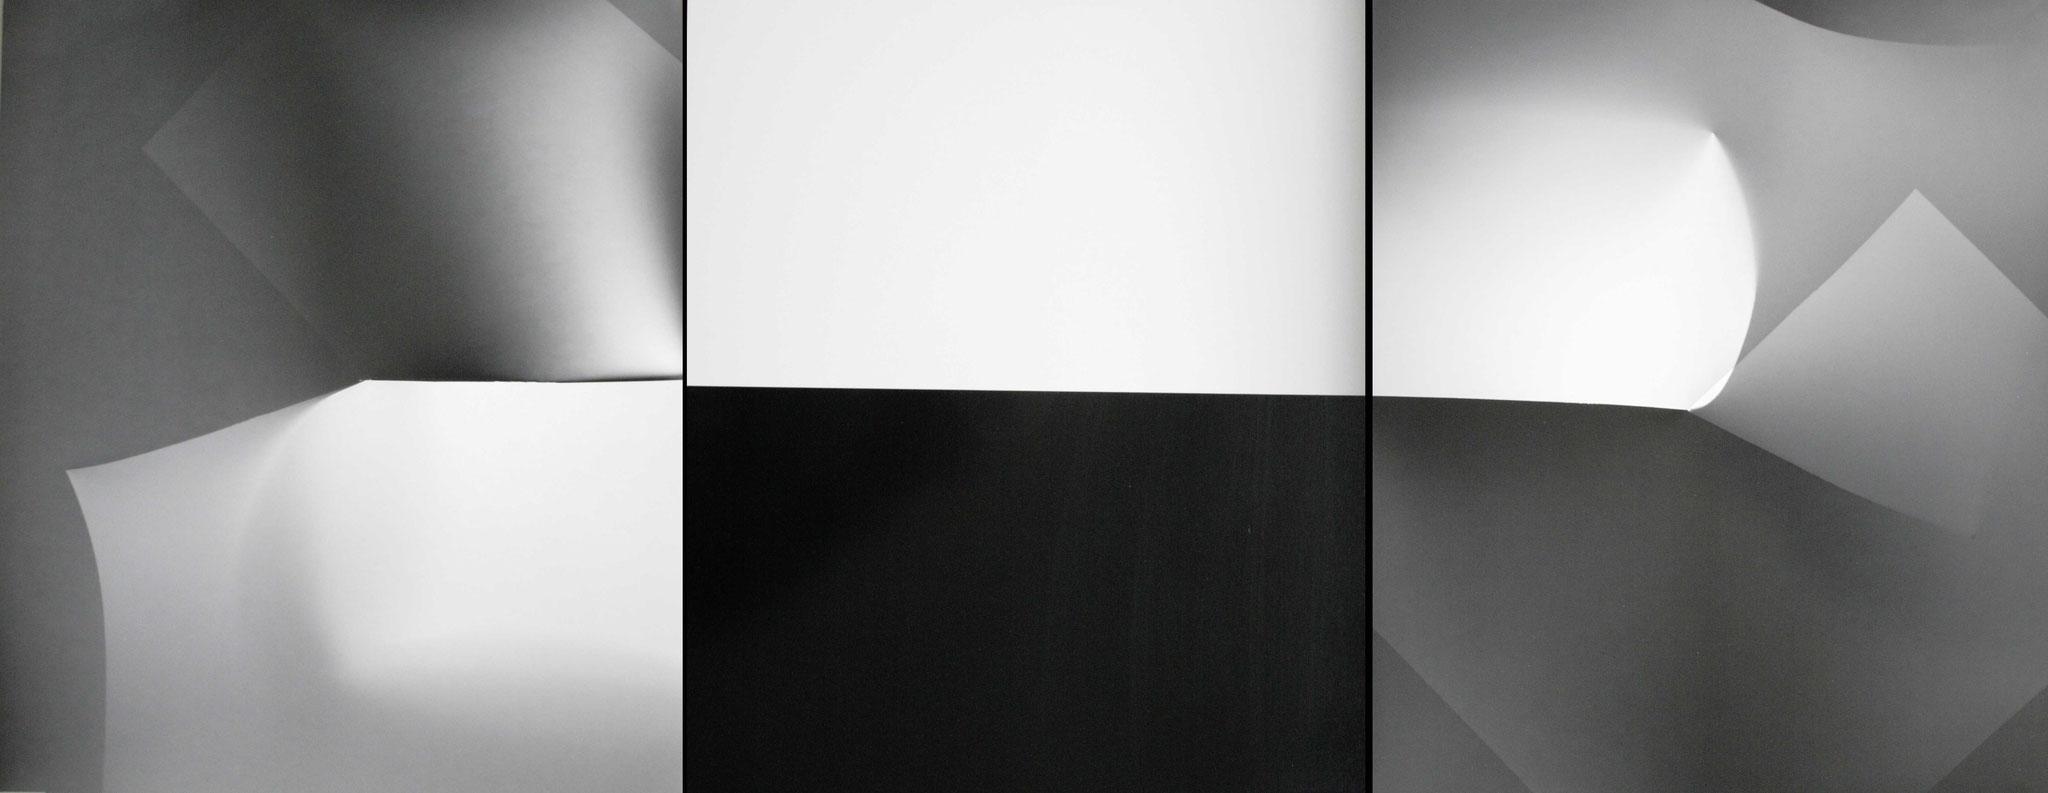 Fotopapierarbeit VI-1-3, 1986